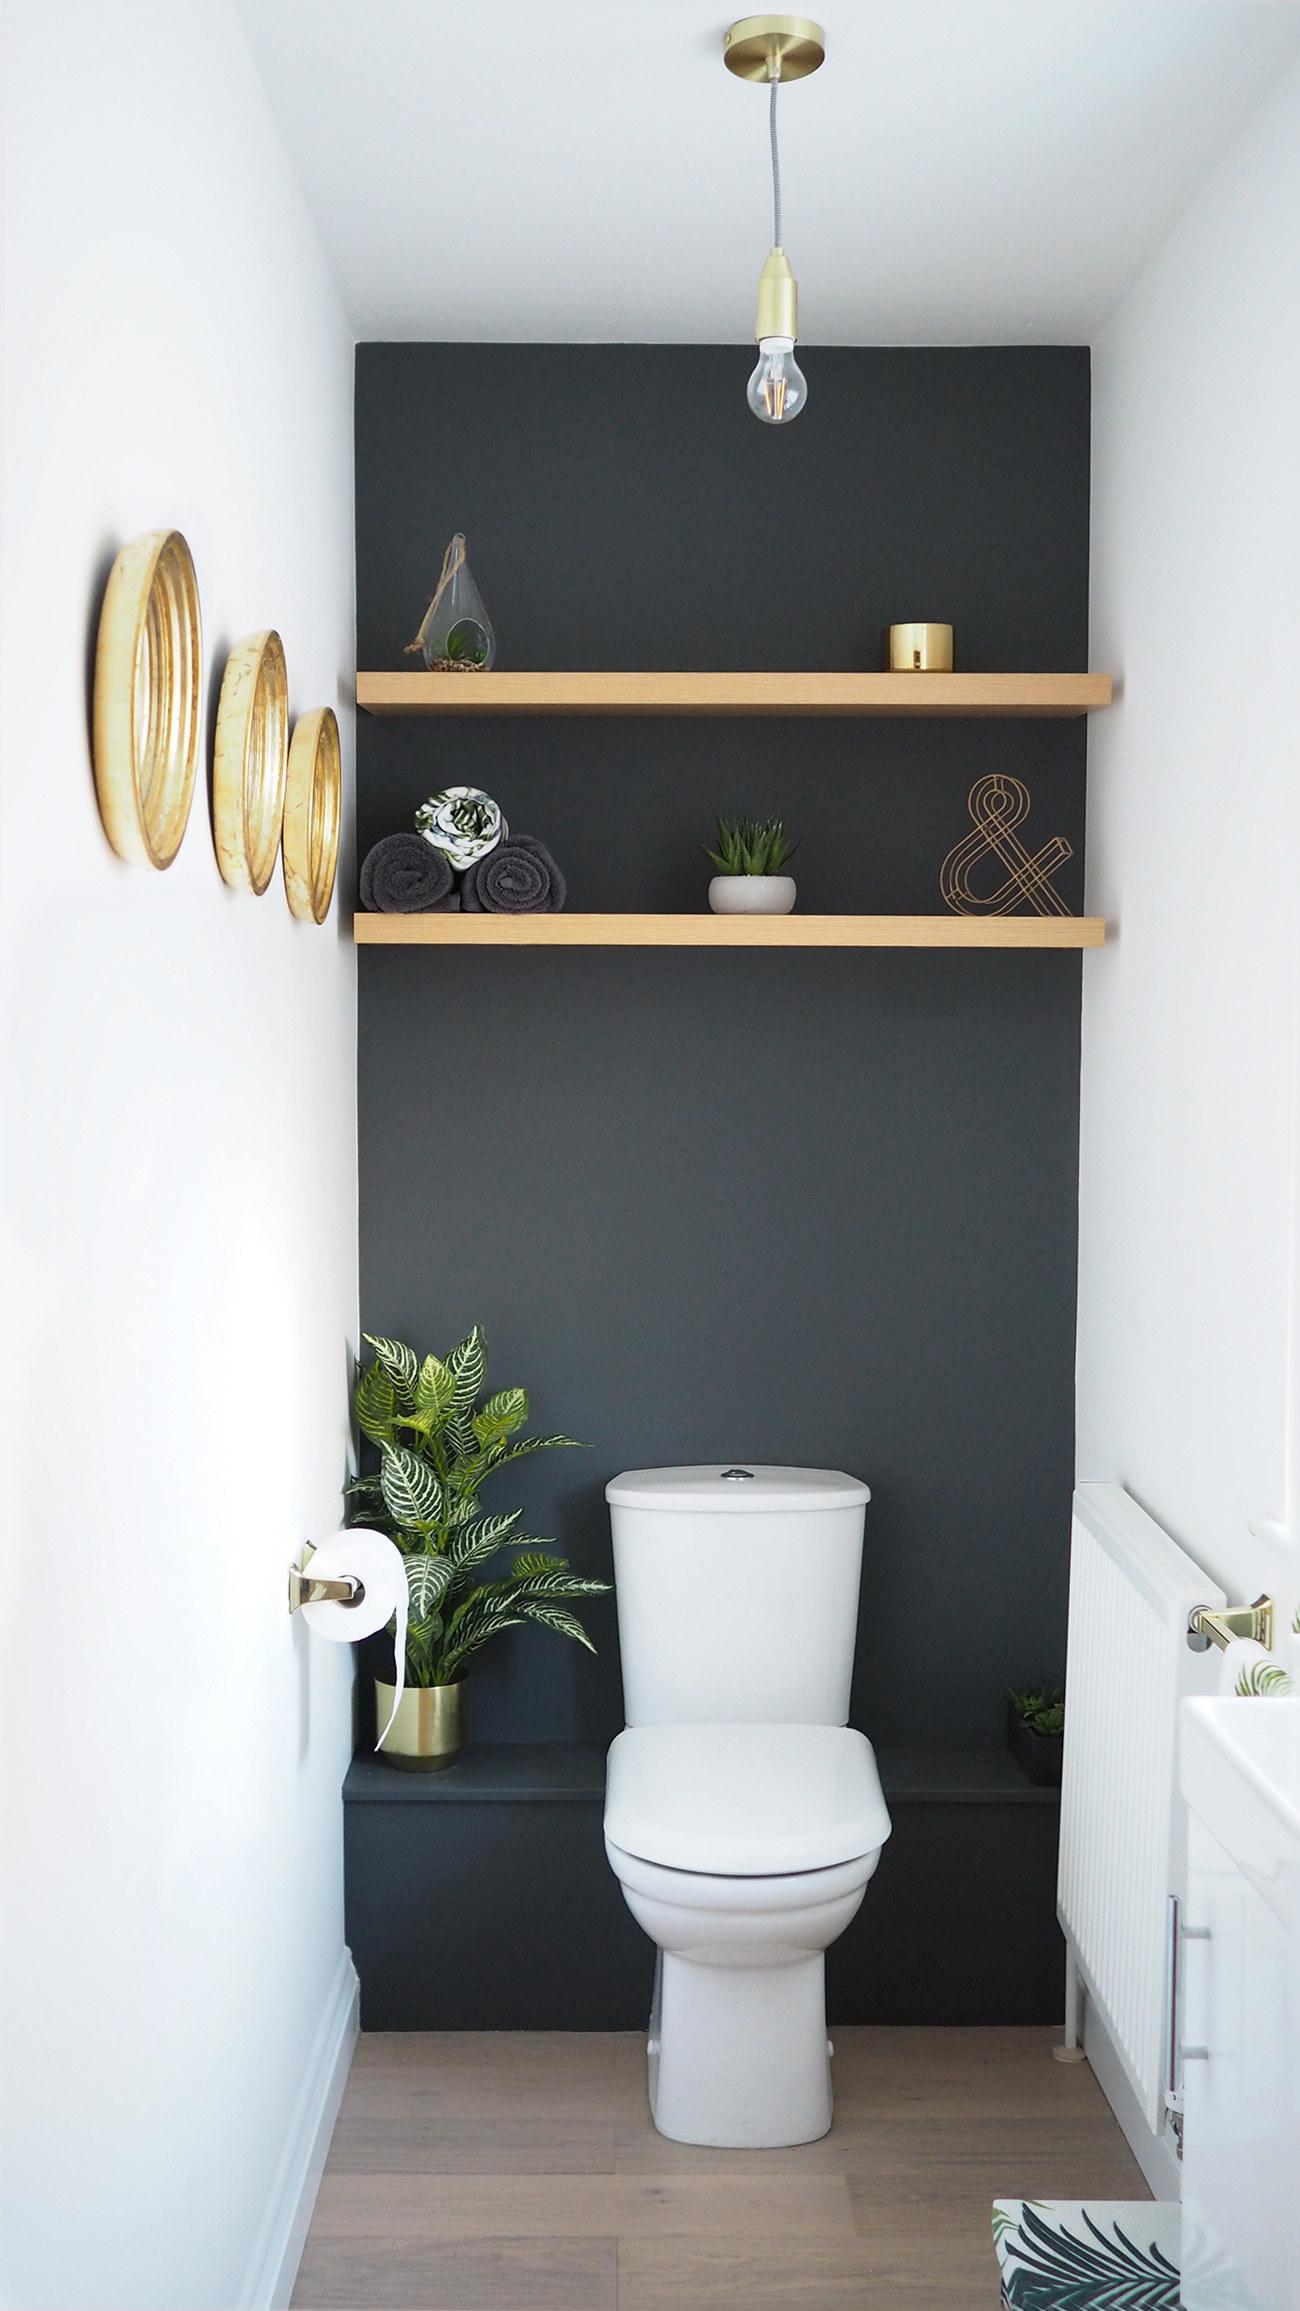 Eine Farbige Wand Schafft Einen Fixpunkt, Der Den Kleinsten Raum Viel  Größer Macht: